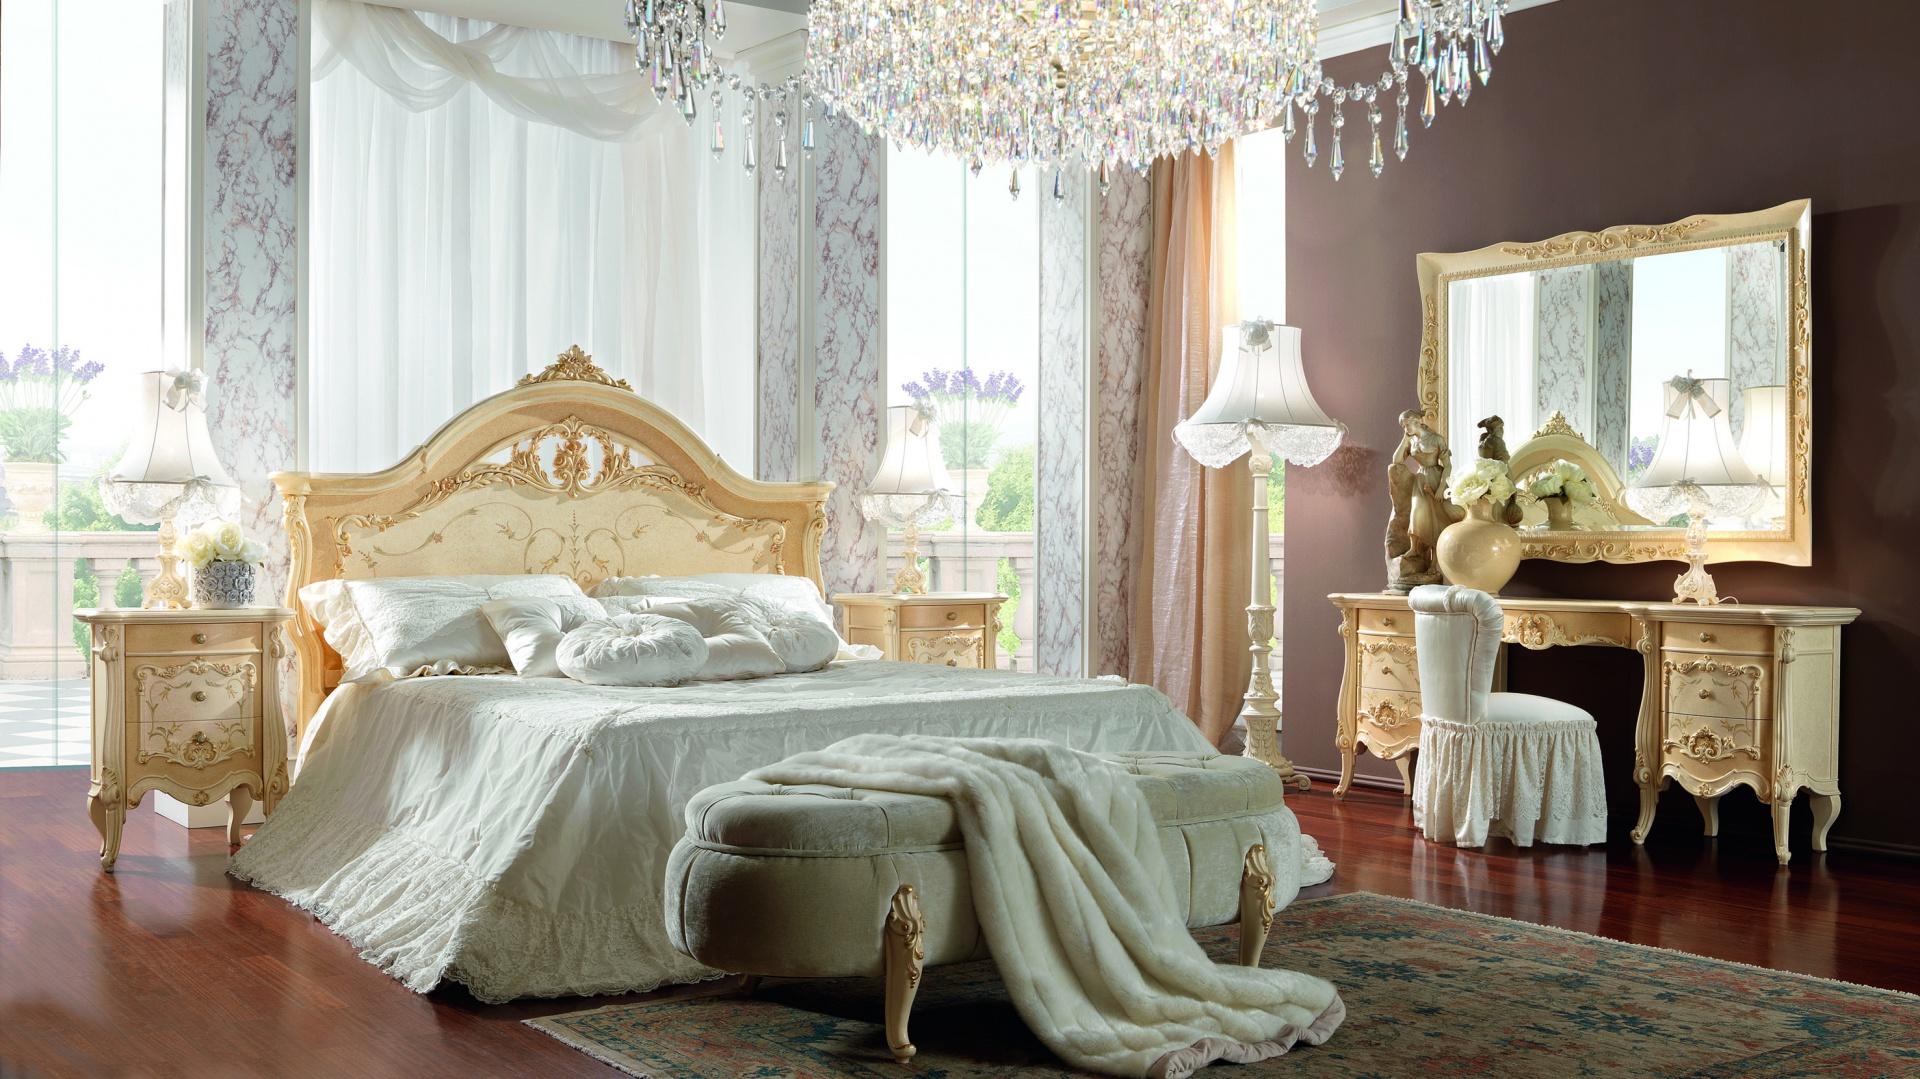 Sypialnia Prestige Plus marki Barnini Oseo. Fot. Oseo